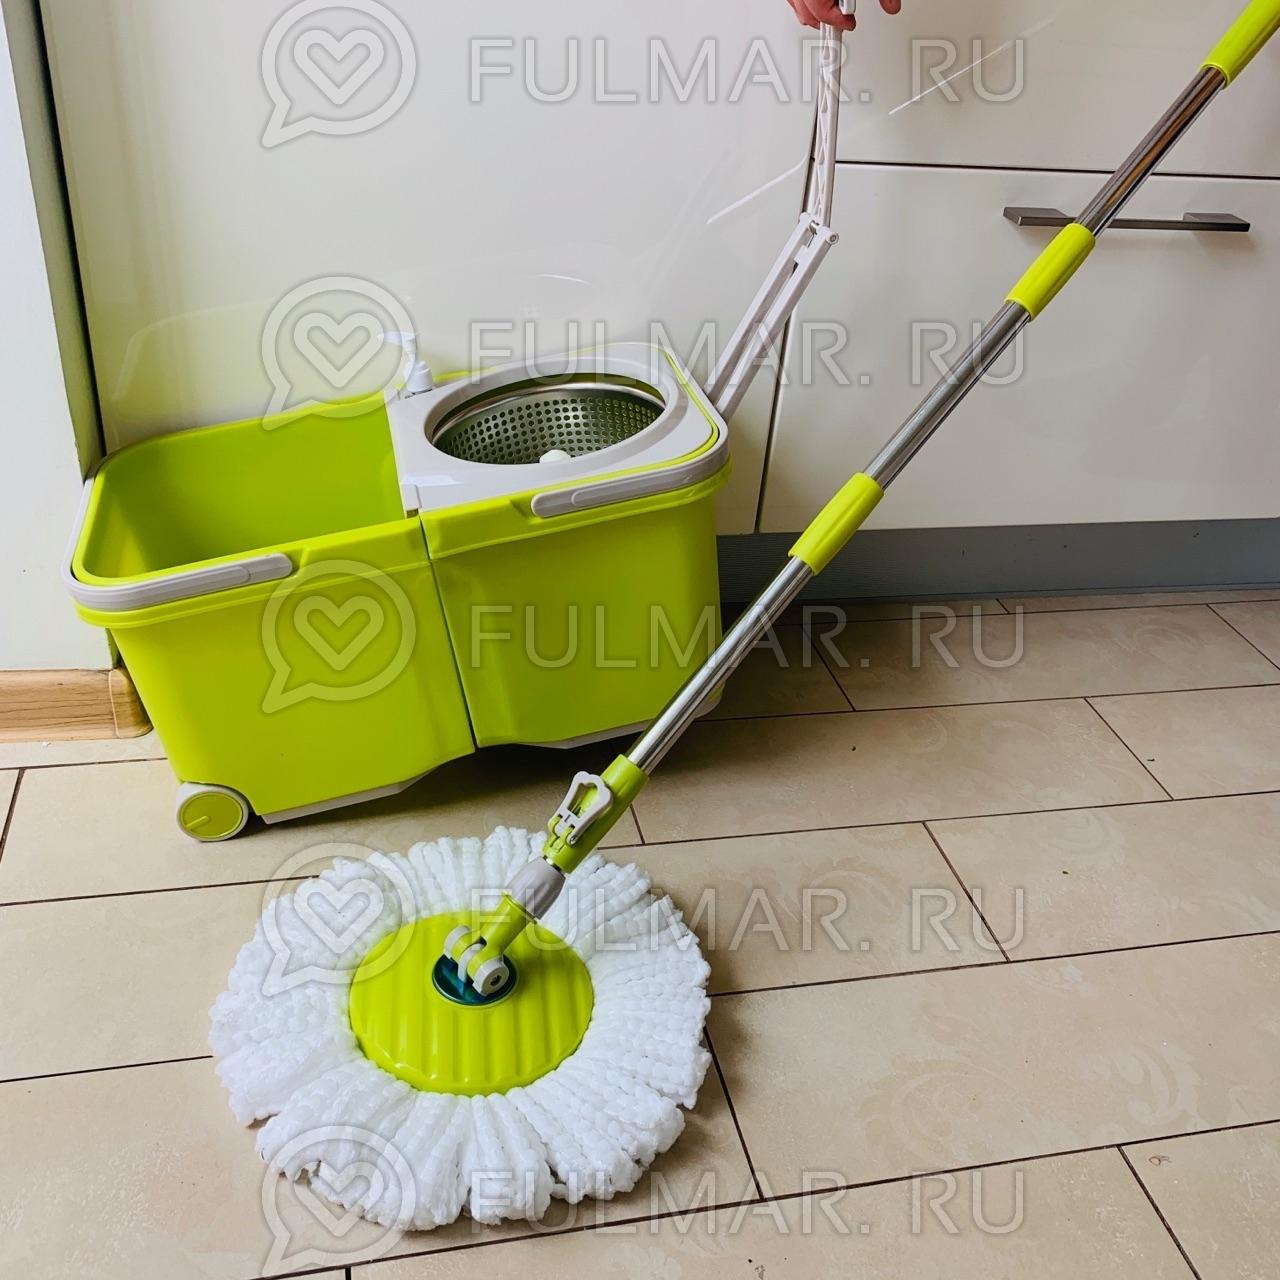 Складное ведро с отжимом на колёсах Spin Mop Stackable Wheels (комплект для мытья пола на колёсах)